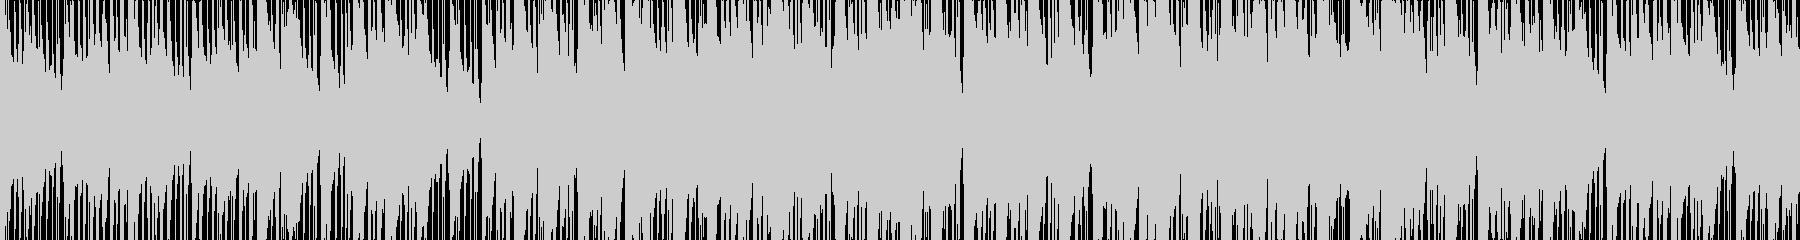 ゆったり大人でジャジーBGM_LOOPの未再生の波形